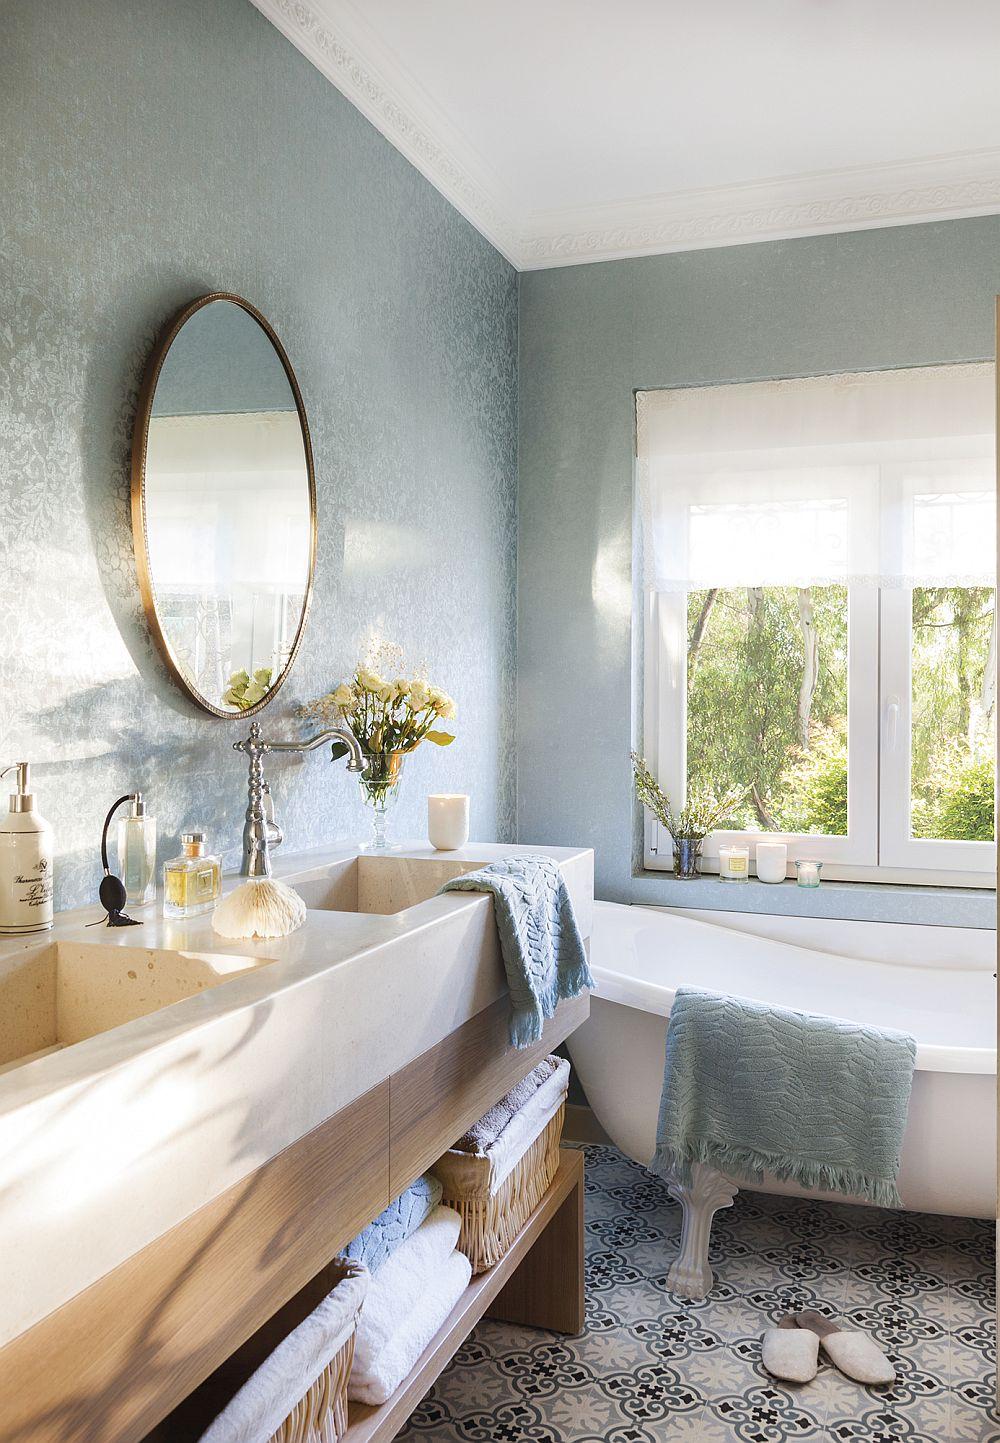 Ce poți face în baie? Da, poți pune și tapet, cu condiția să ai o încăpere bine ventilată, cu ferestre generoase. Există tapete vinilice, rezistente la apă, care s epot pune în baie și chiar tapete mai speciale care pot fi puse și în zonele umede, cum ar fi la duș. Aici însă, tapetul vinilic a fost folosit pentru că zona de duș nu există, ea fiind prezentă în alt spațiu.